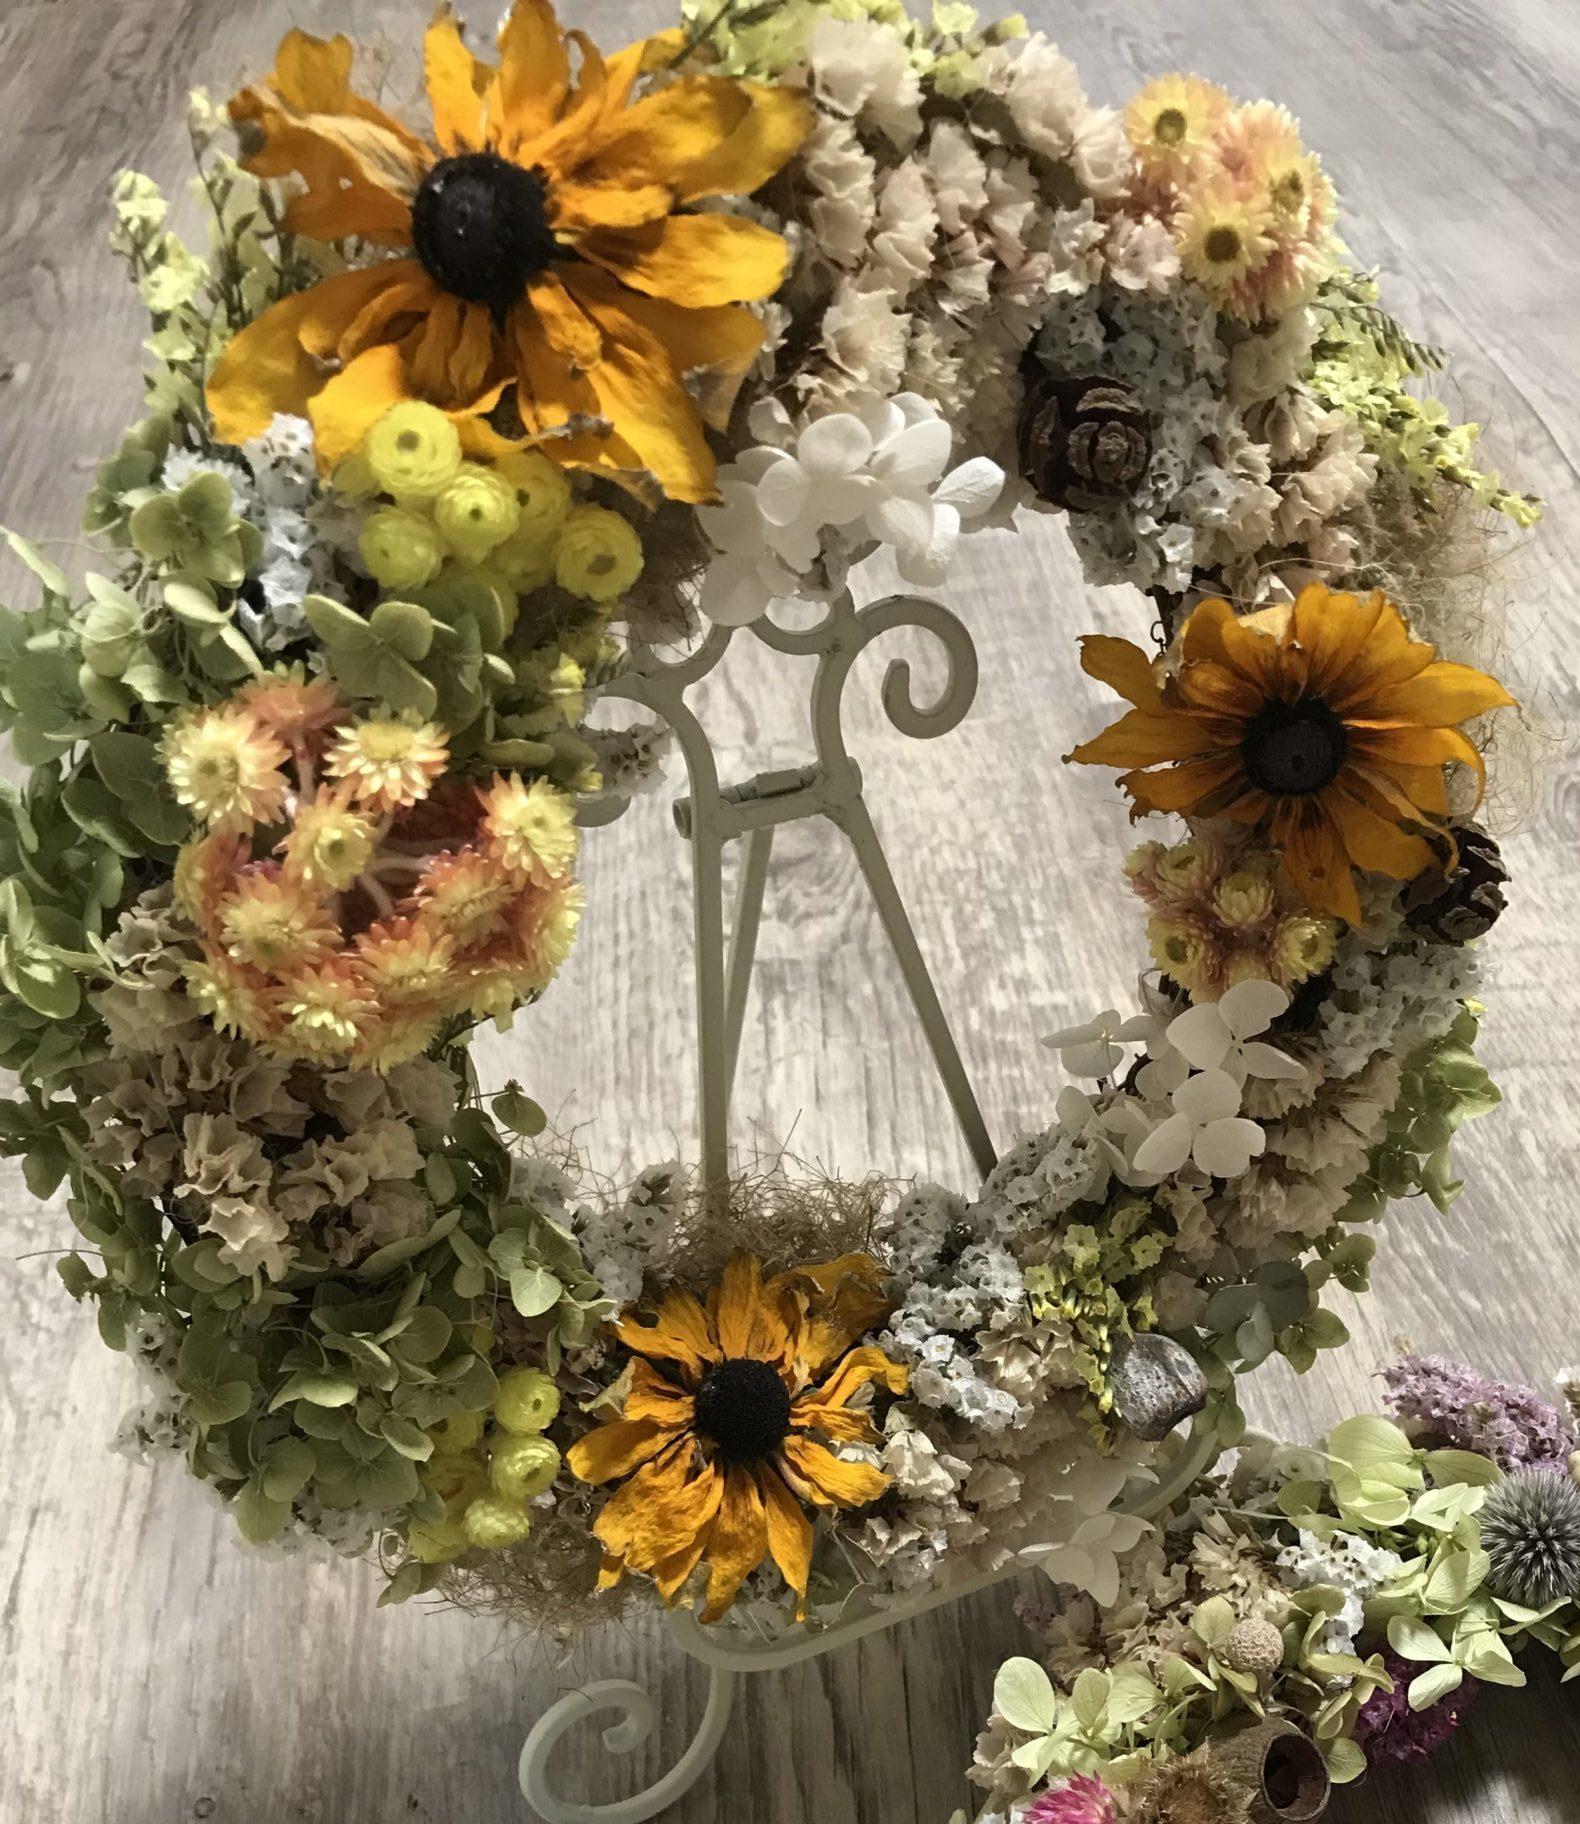 ドライフラワー 向く花・植物 ルドベキア